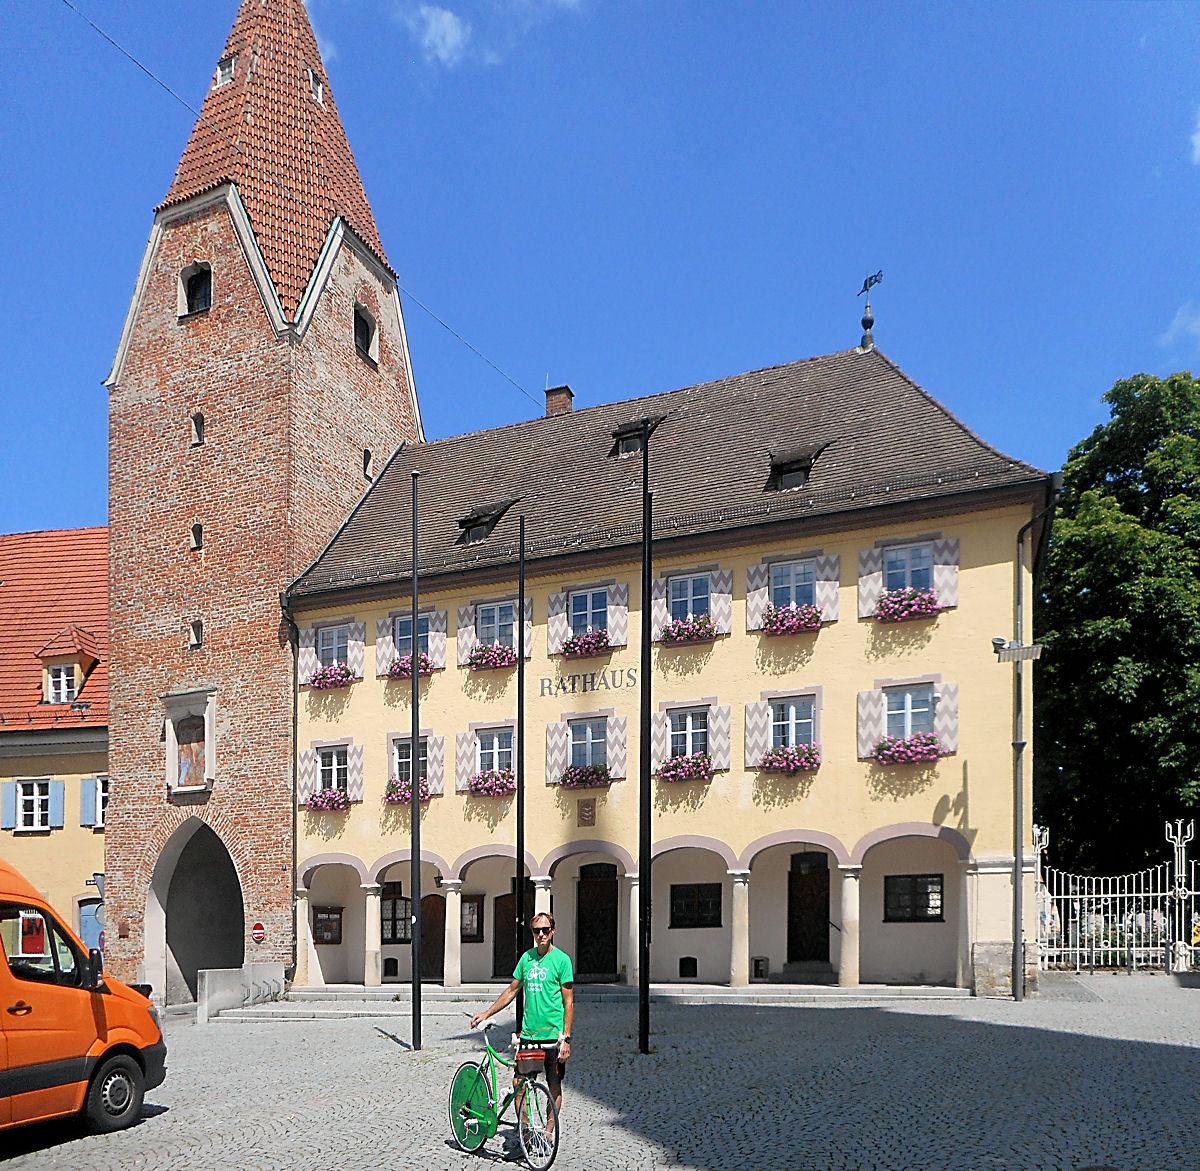 05_Altes Rathaus_A.jpg